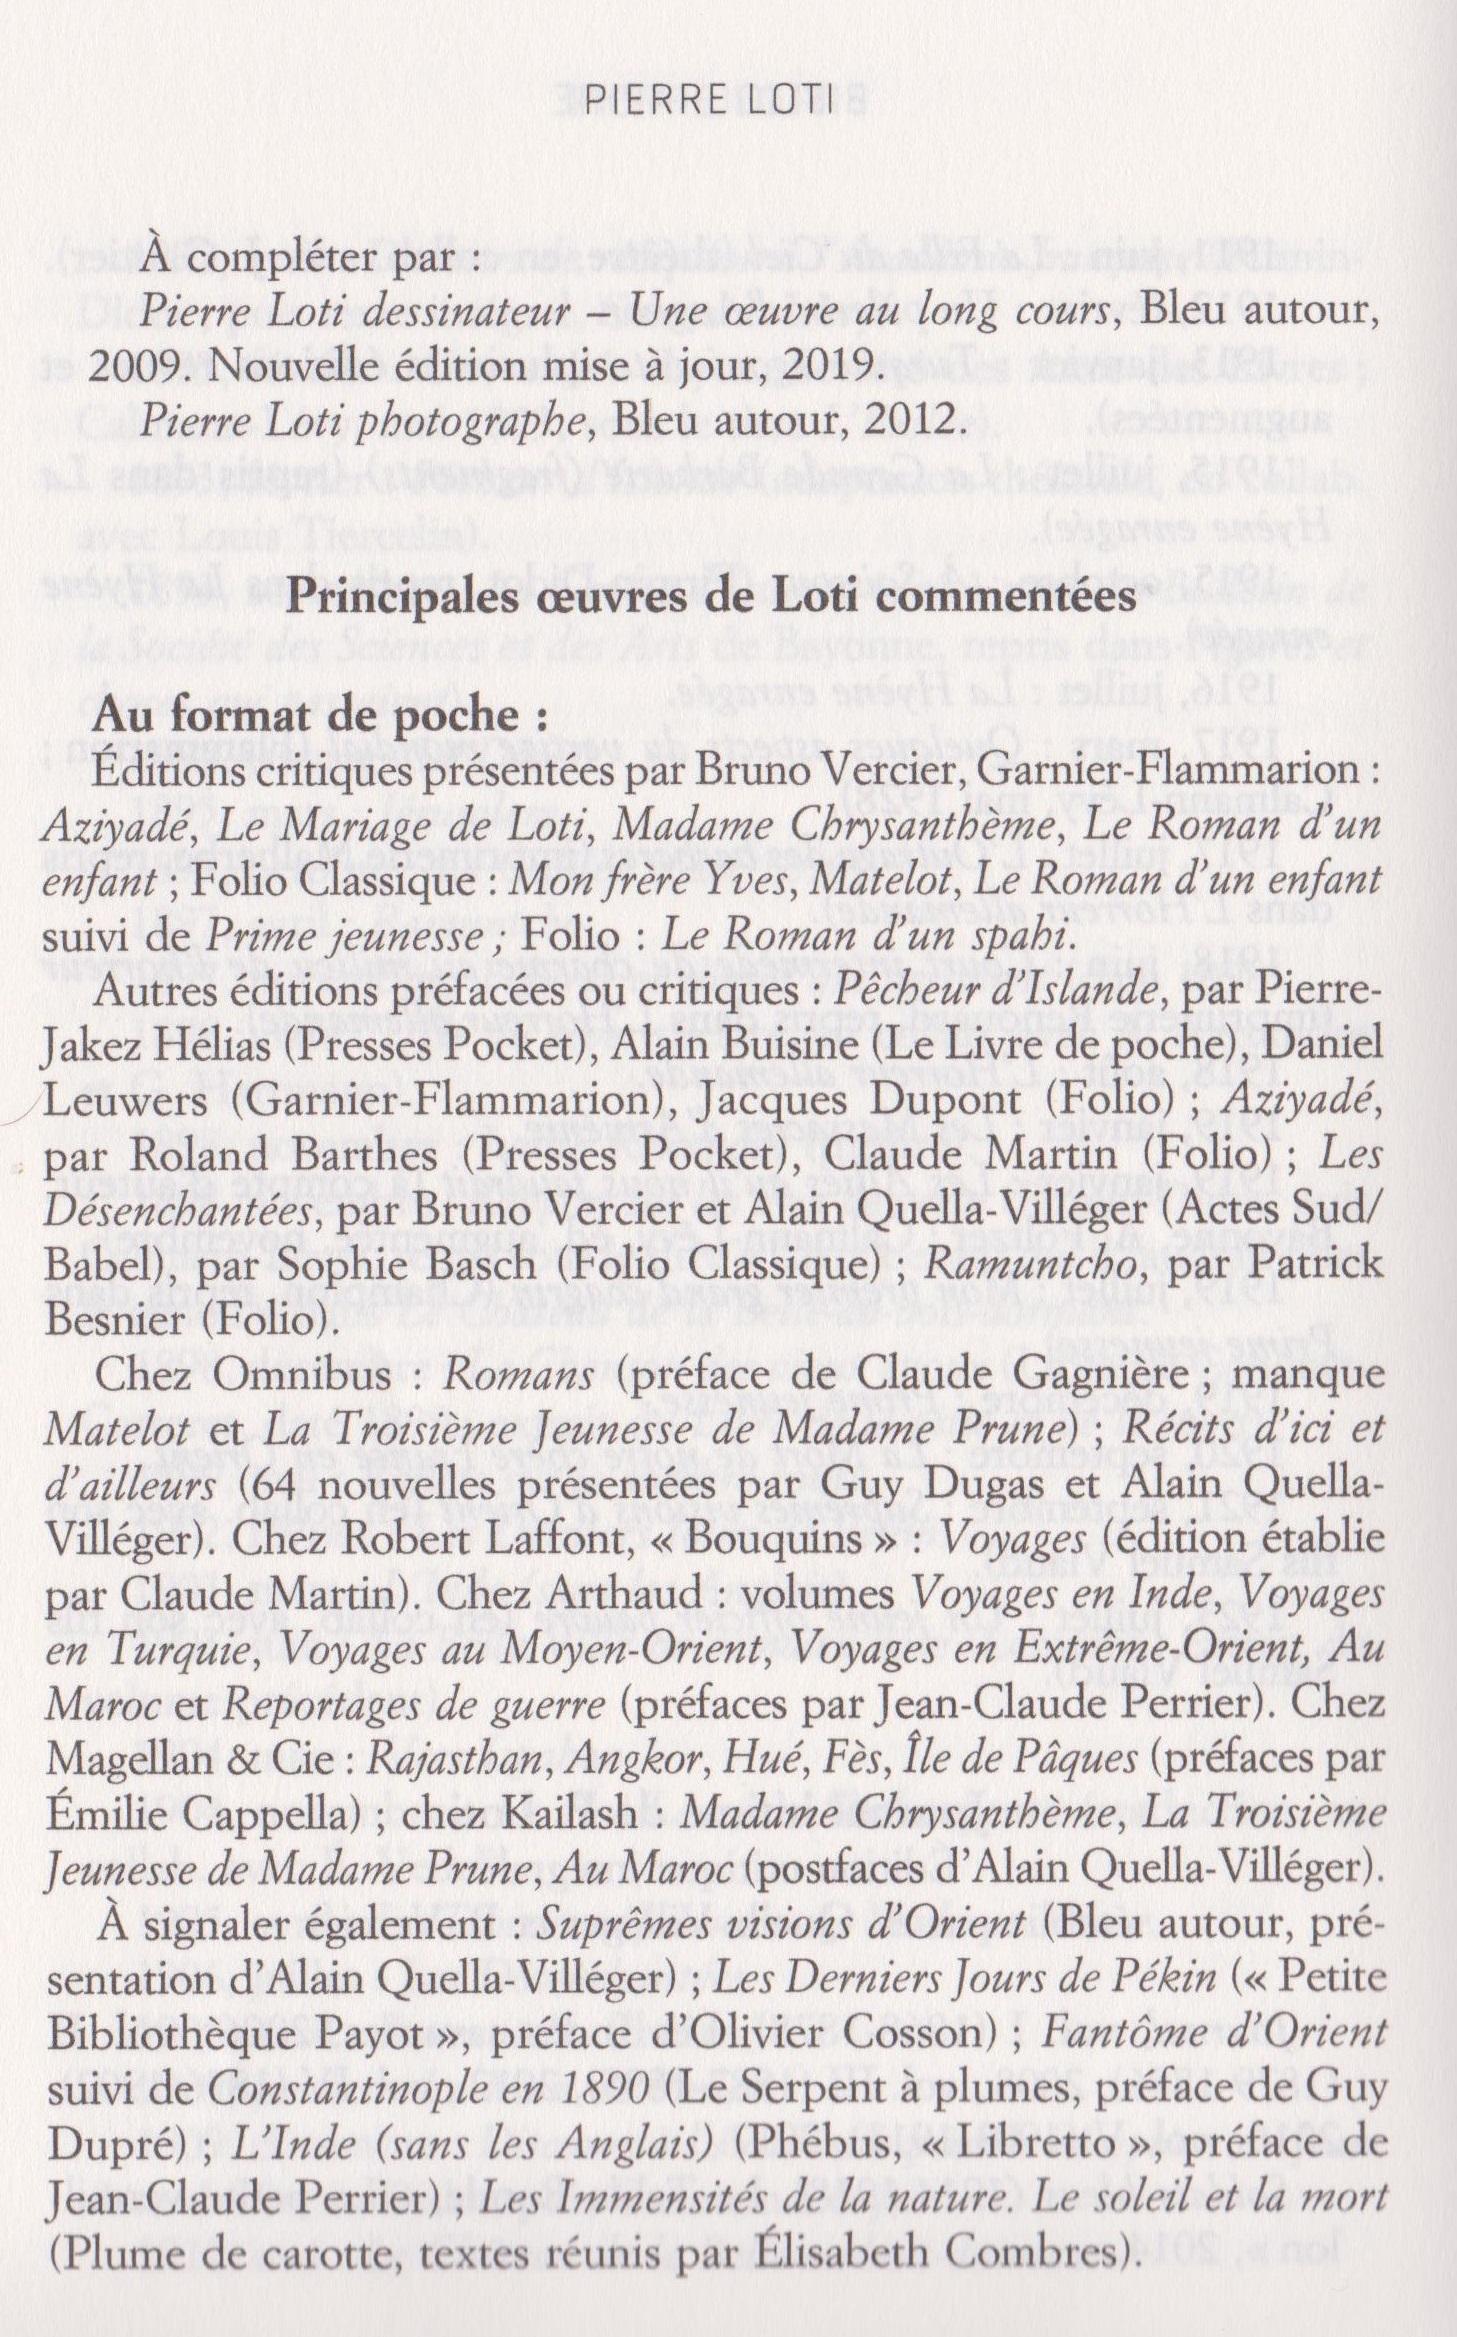 Oeuvres Pierre Loti et commentées-2